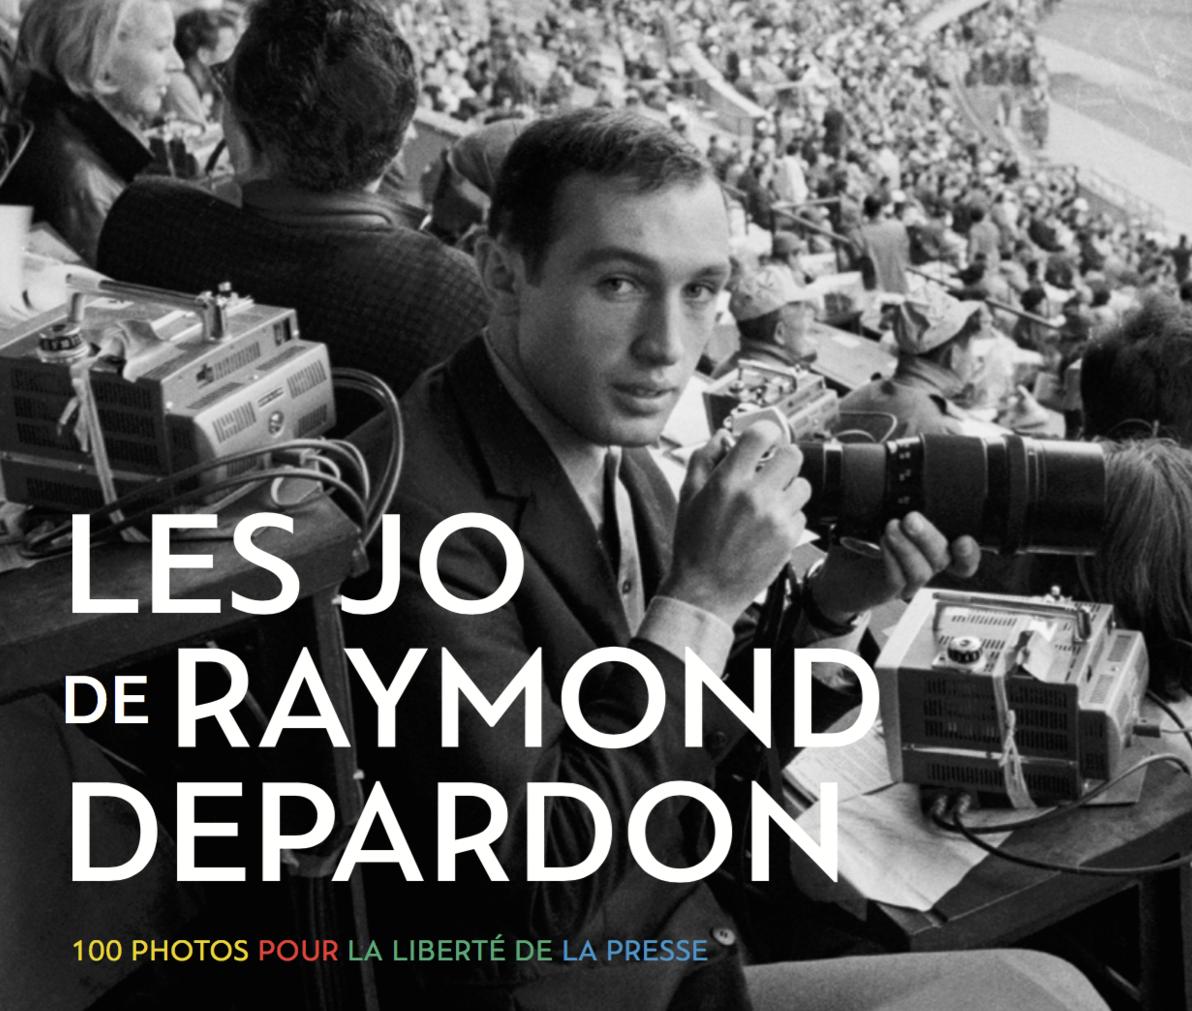 Neues Fotobuch für die Pressefreiheit